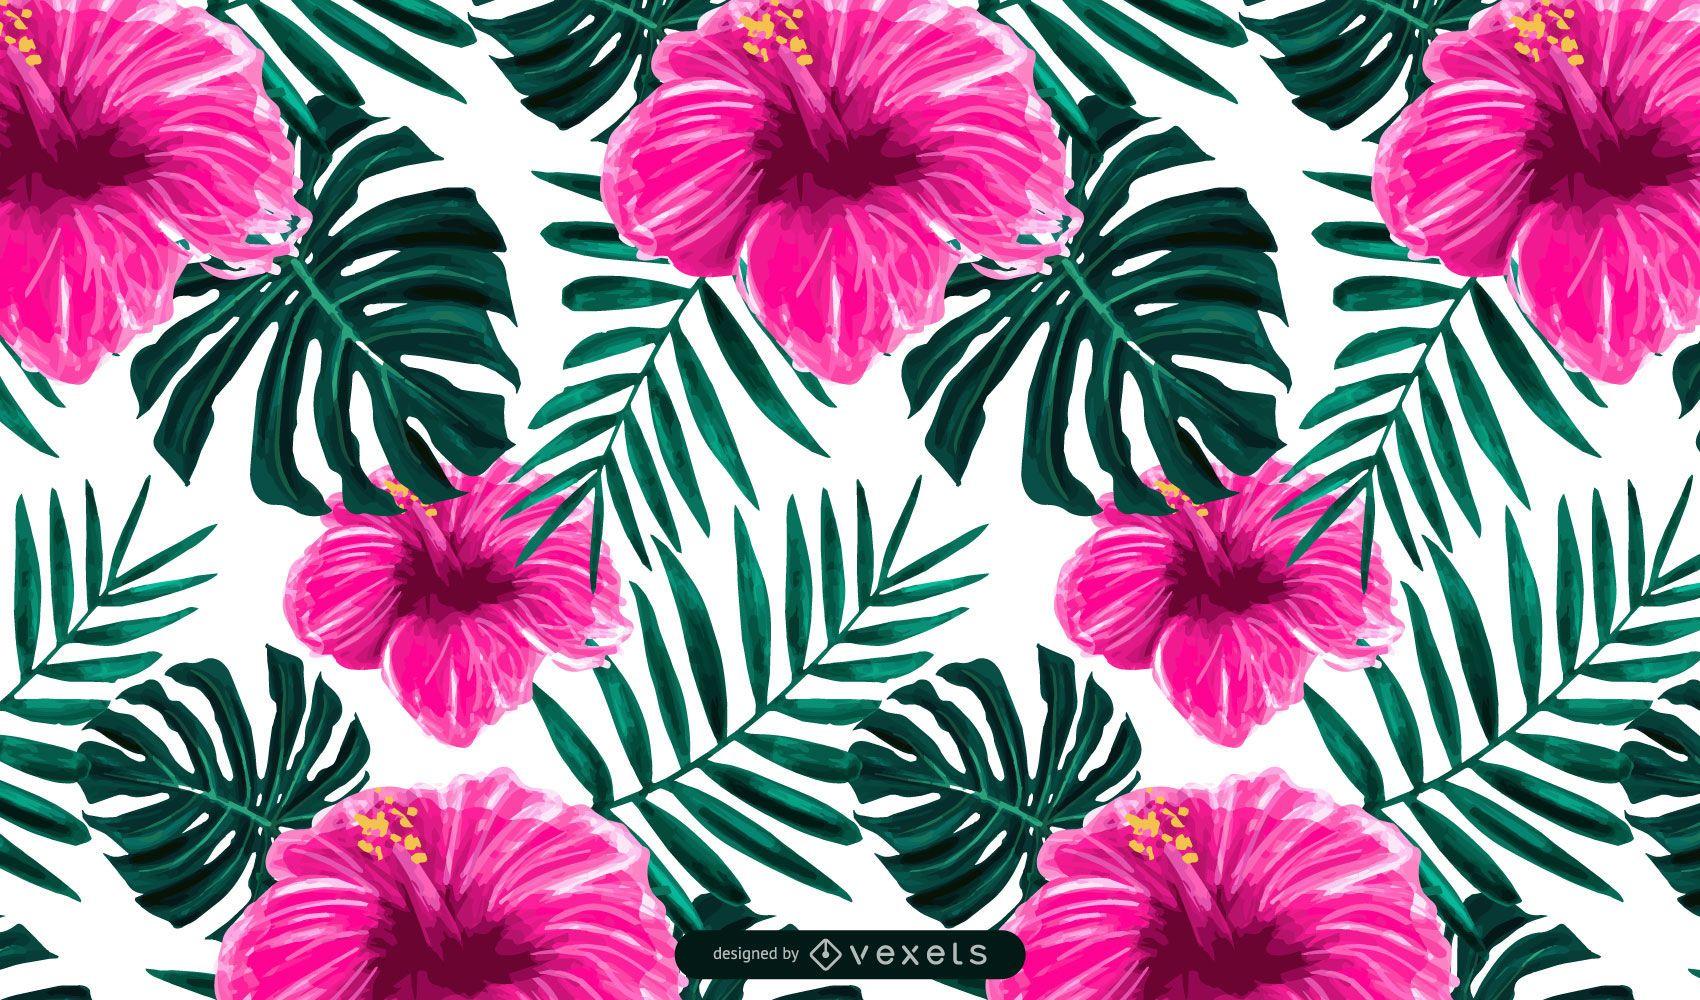 Dise?o de patr?n de flor de hibisco tropical